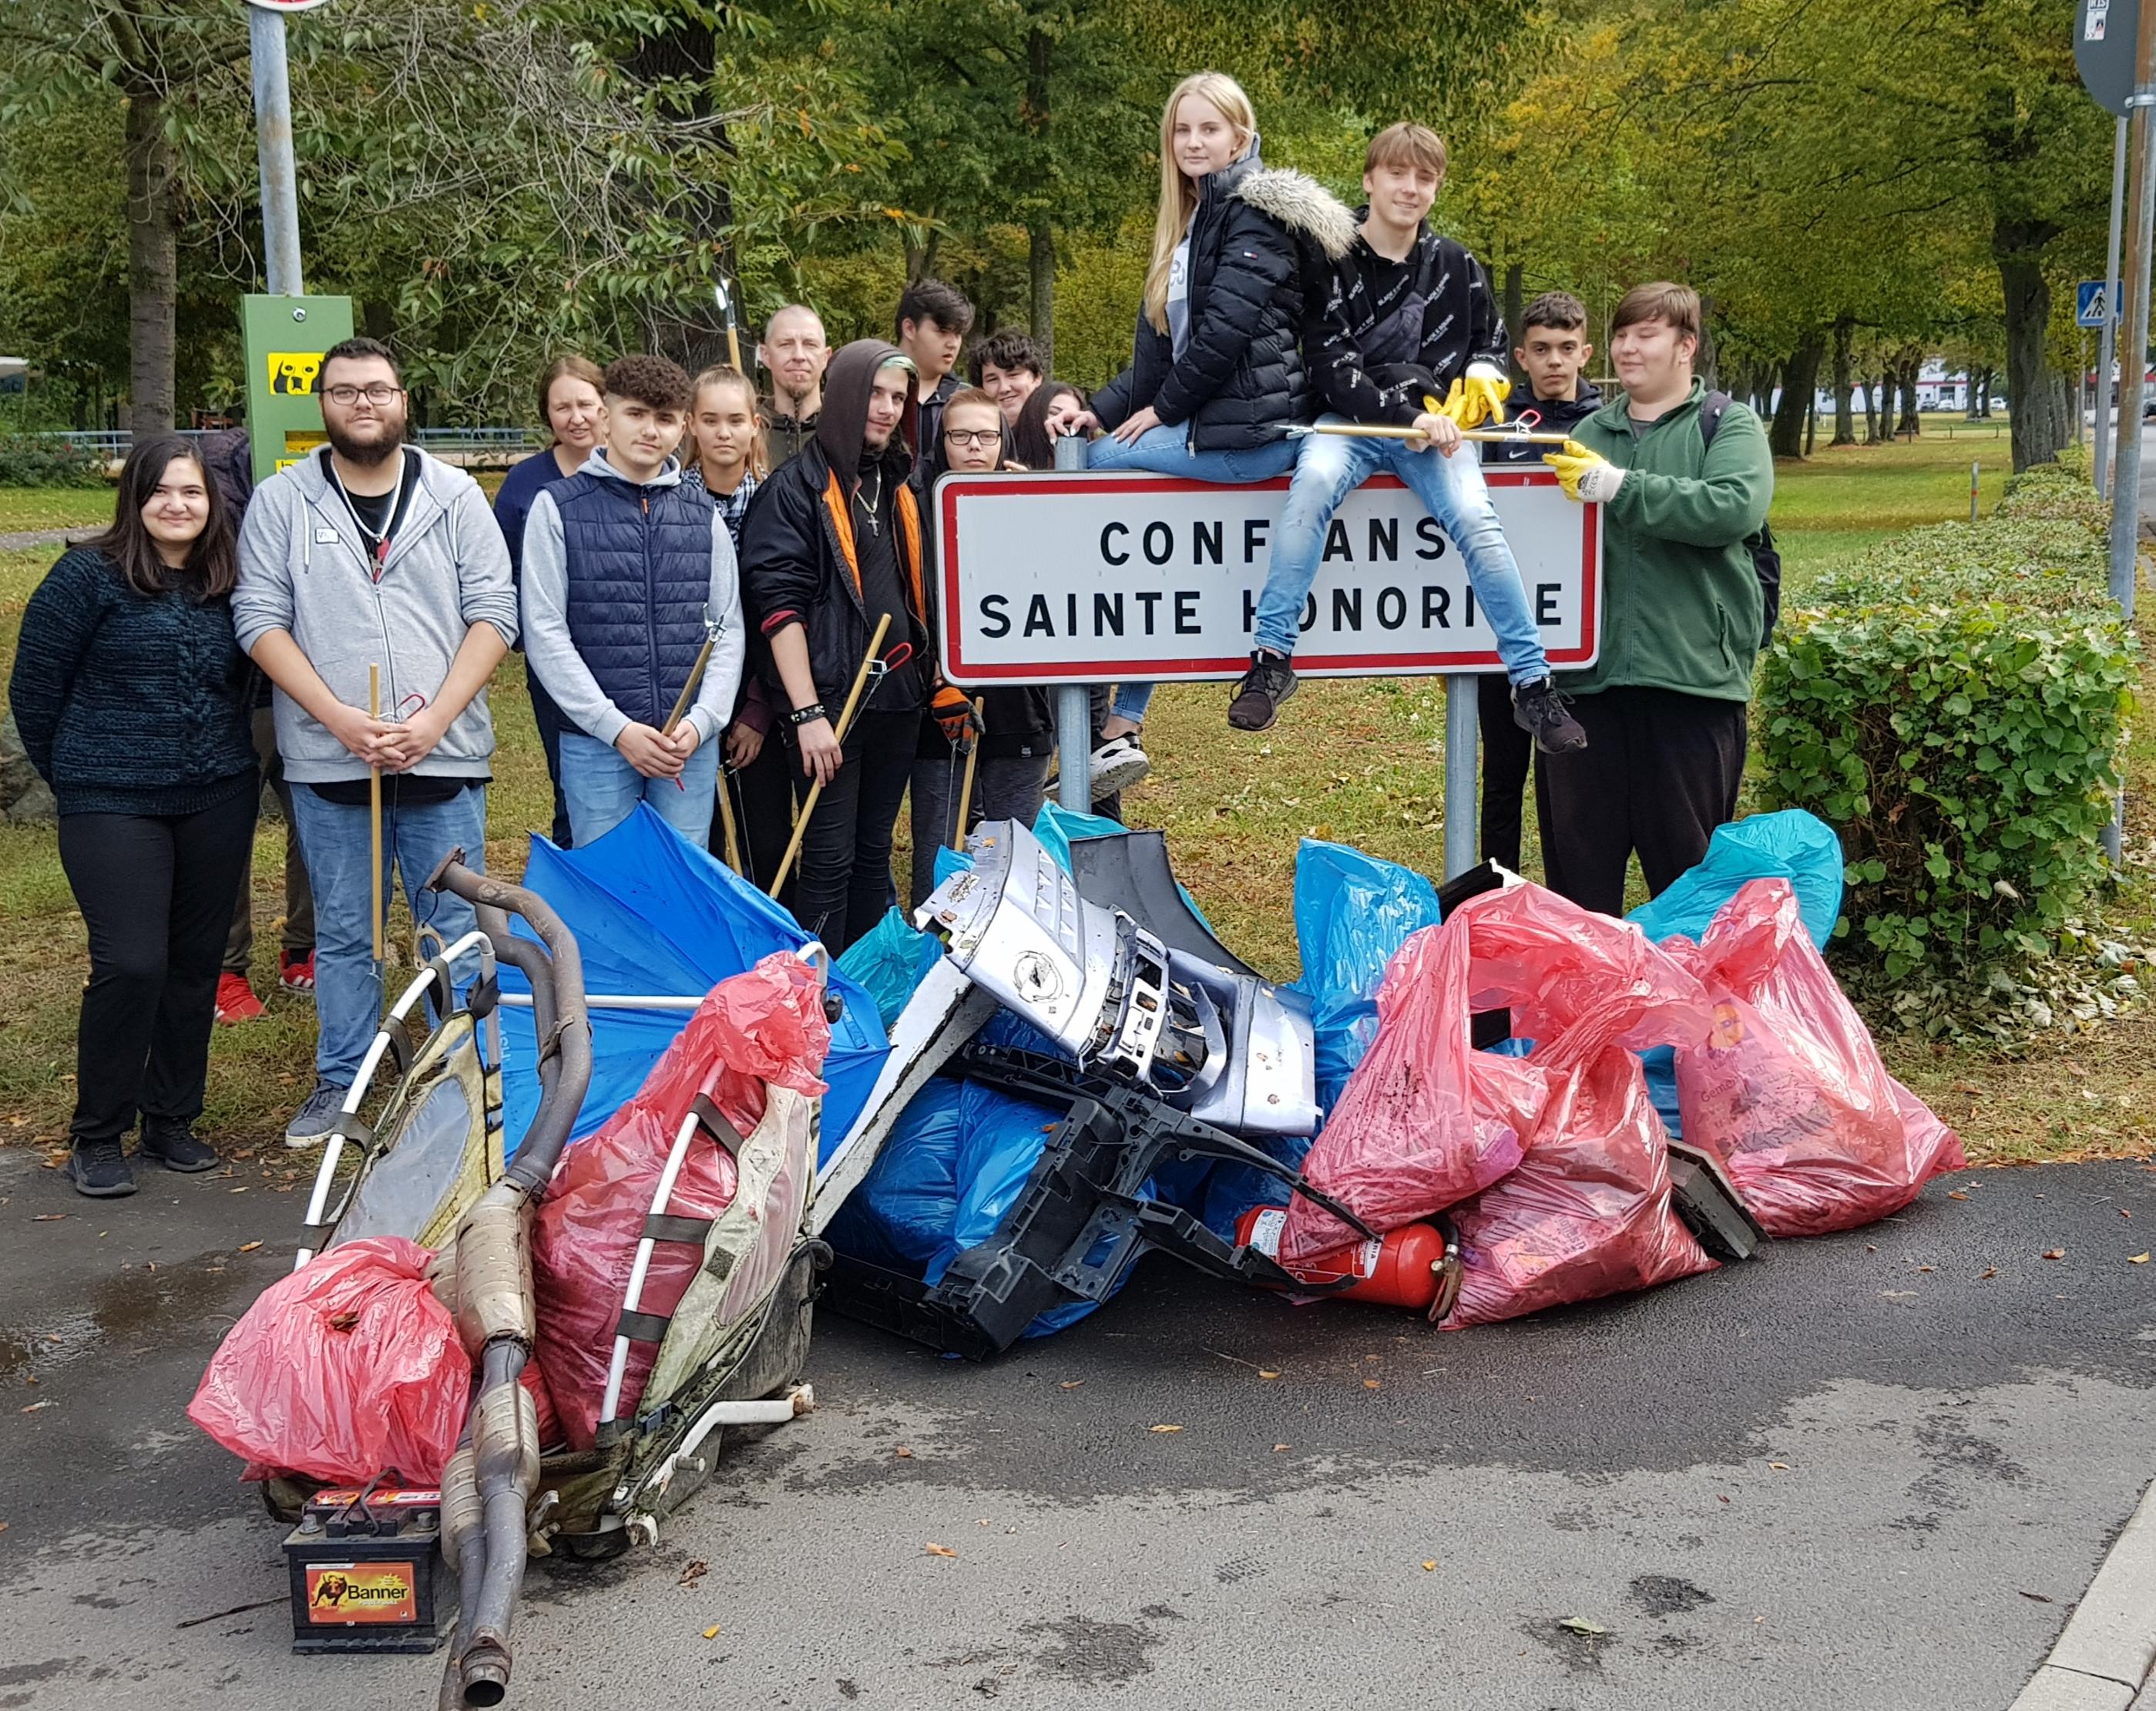 Lindenauschüler aus Großauheim räumen ihren Stadtteil auf